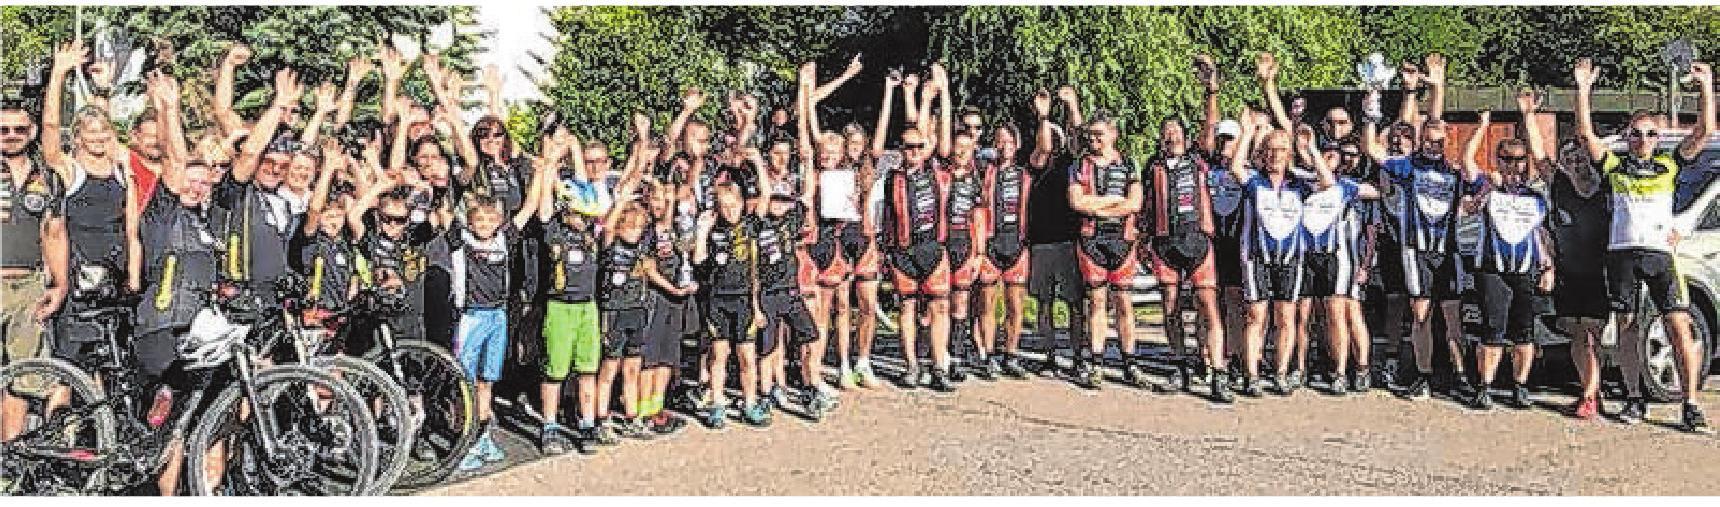 Im Rahmen der Teamwertung können die drei Gruppen mit den meistgefahrenen Kilometern Pokale gewinnen. Privatfoto